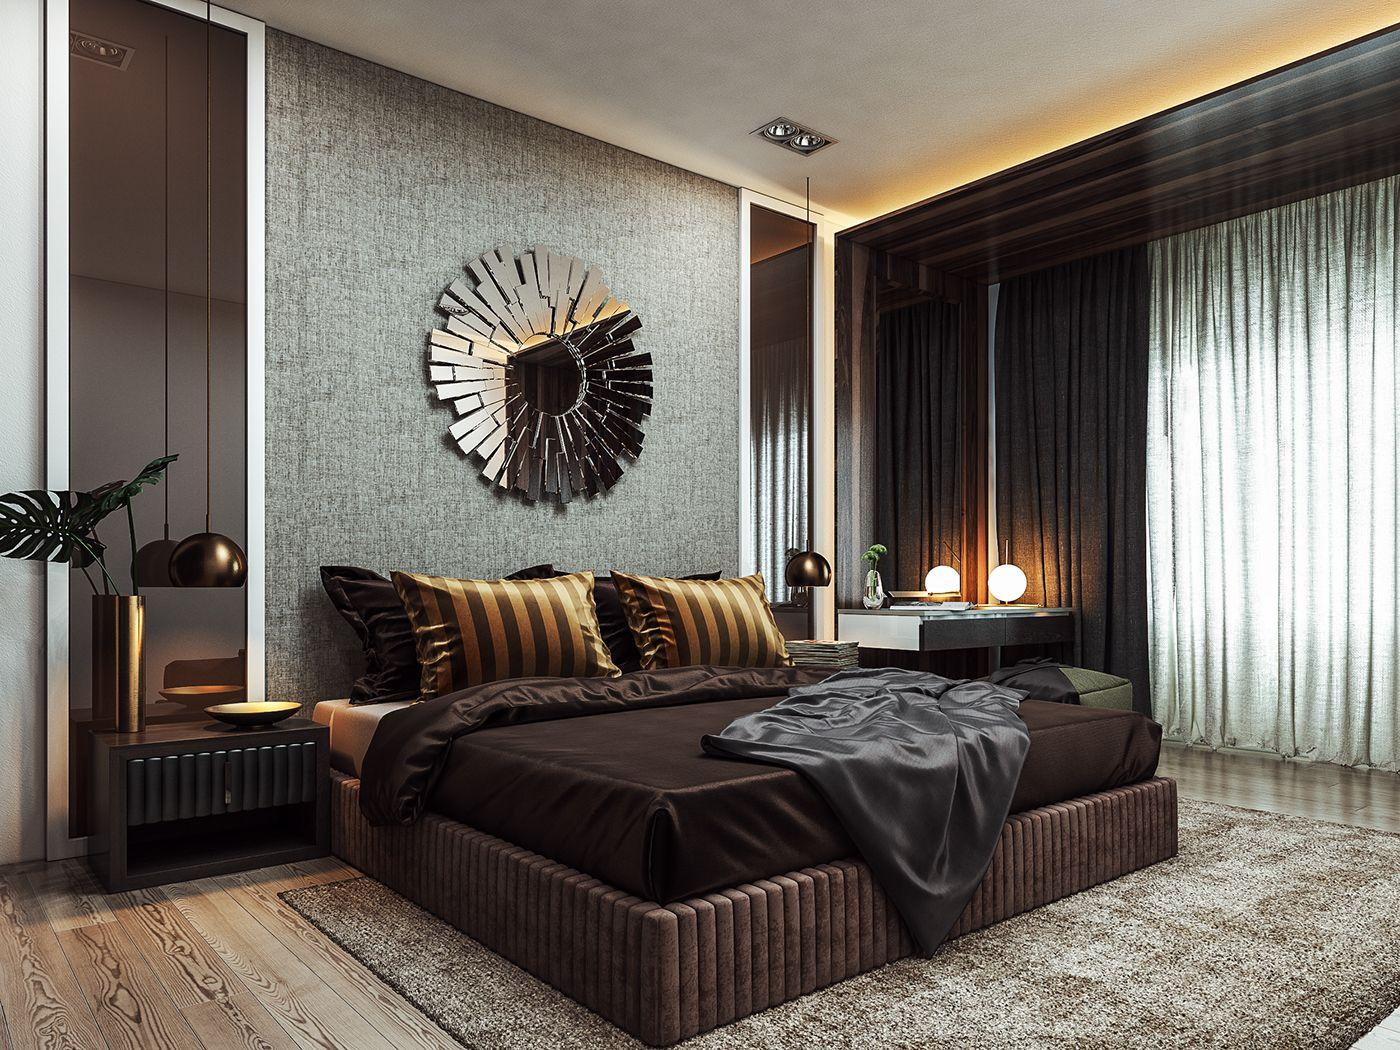 Room Bedroom 01 Bed Room Design